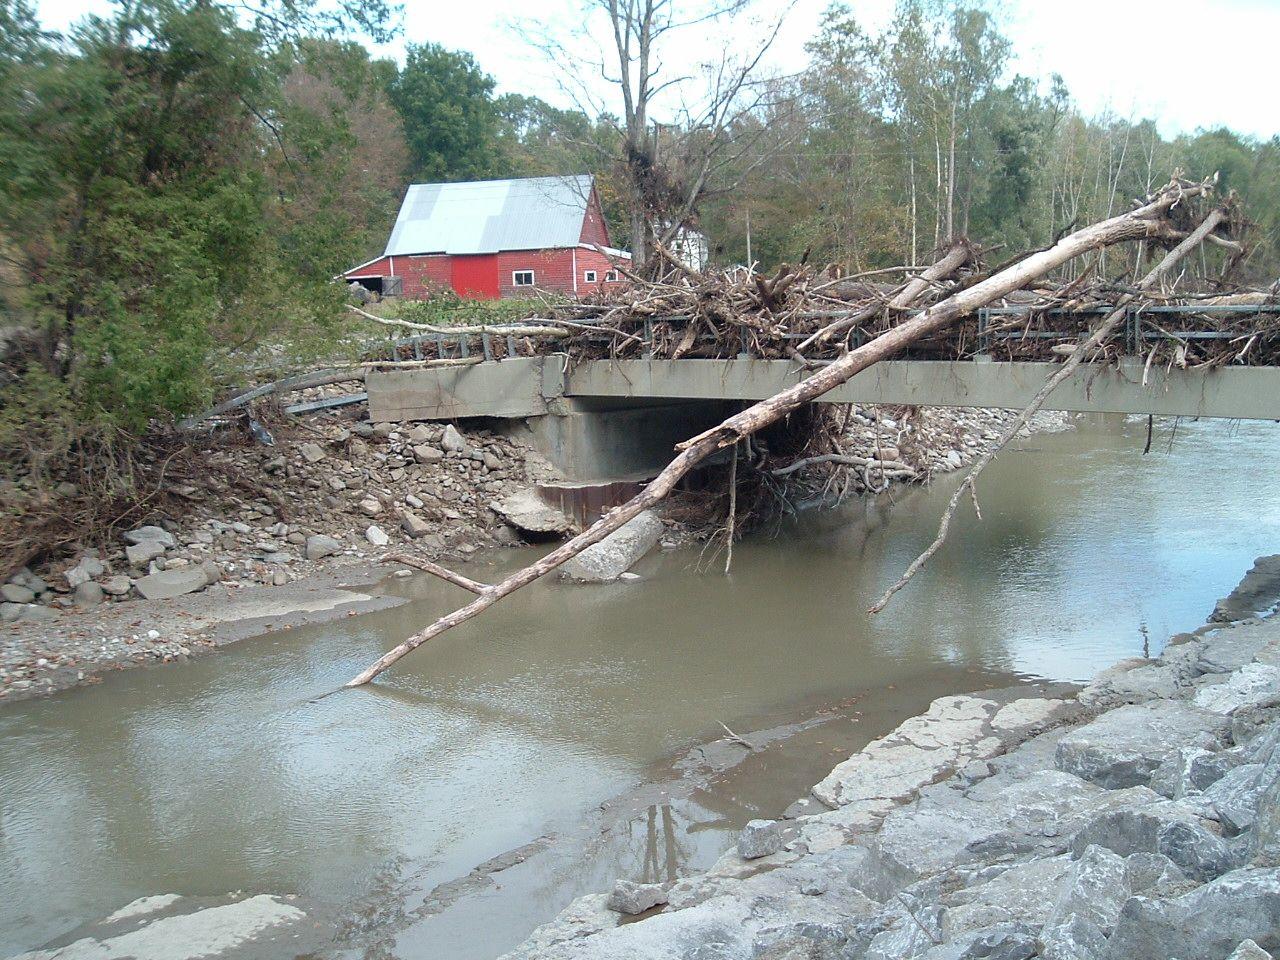 Schoonmaker Road Bridge Over Fox Creek Town Of Wright Schoharie County New York Damage Following Hurricane Irene Rep Road Bridge Schoharie County New York